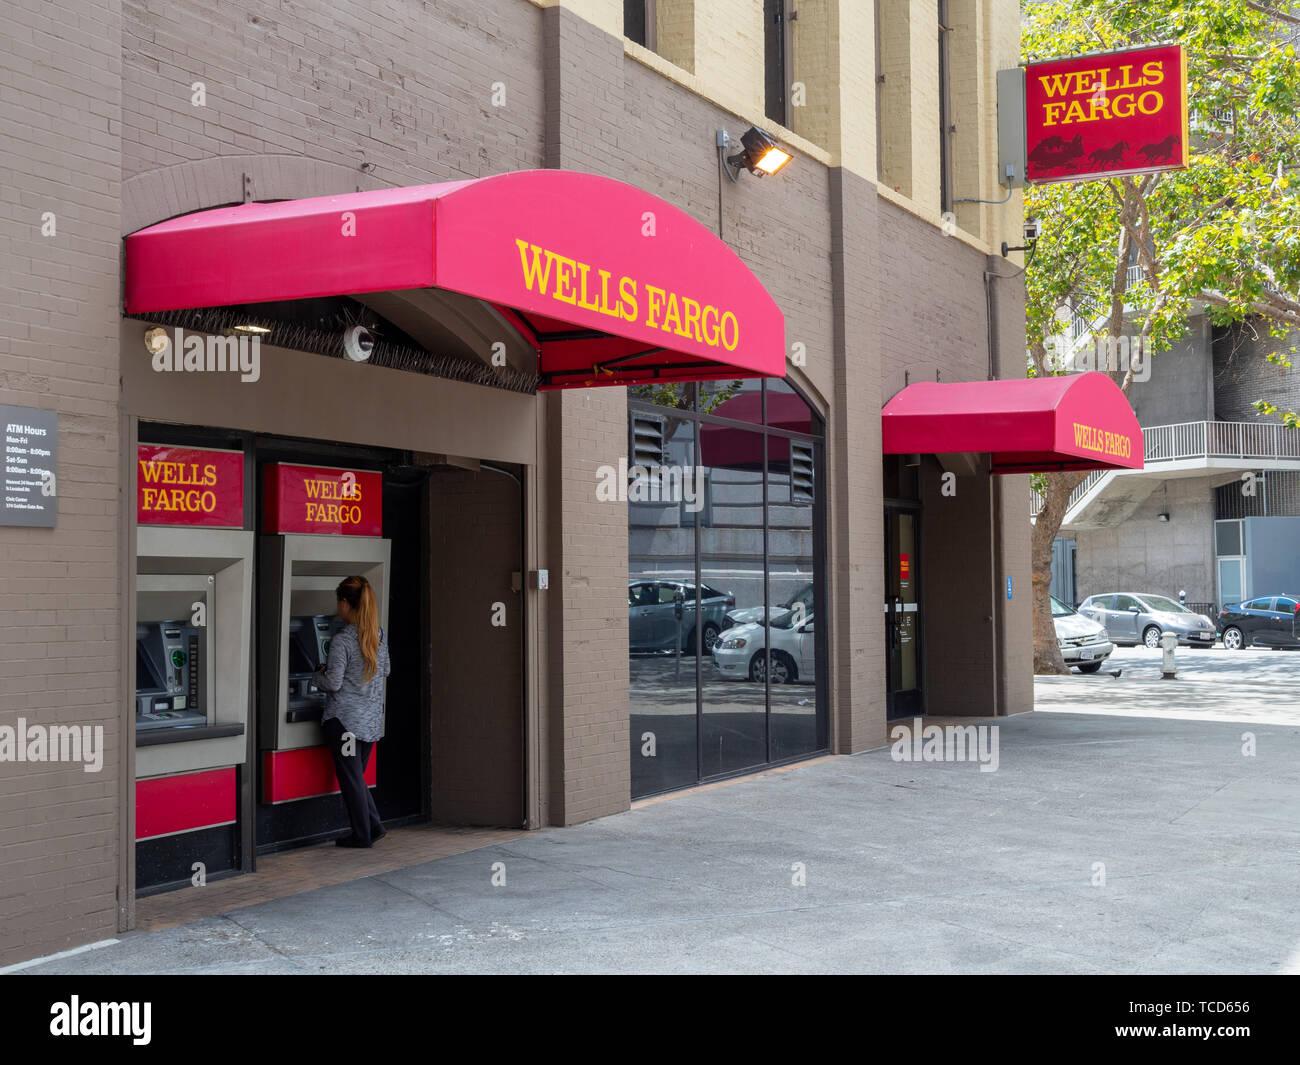 Femme à l'aide de la Wells Fargo distributeur de billets à l'extérieur de l'emplacement de la direction générale Banque D'Images